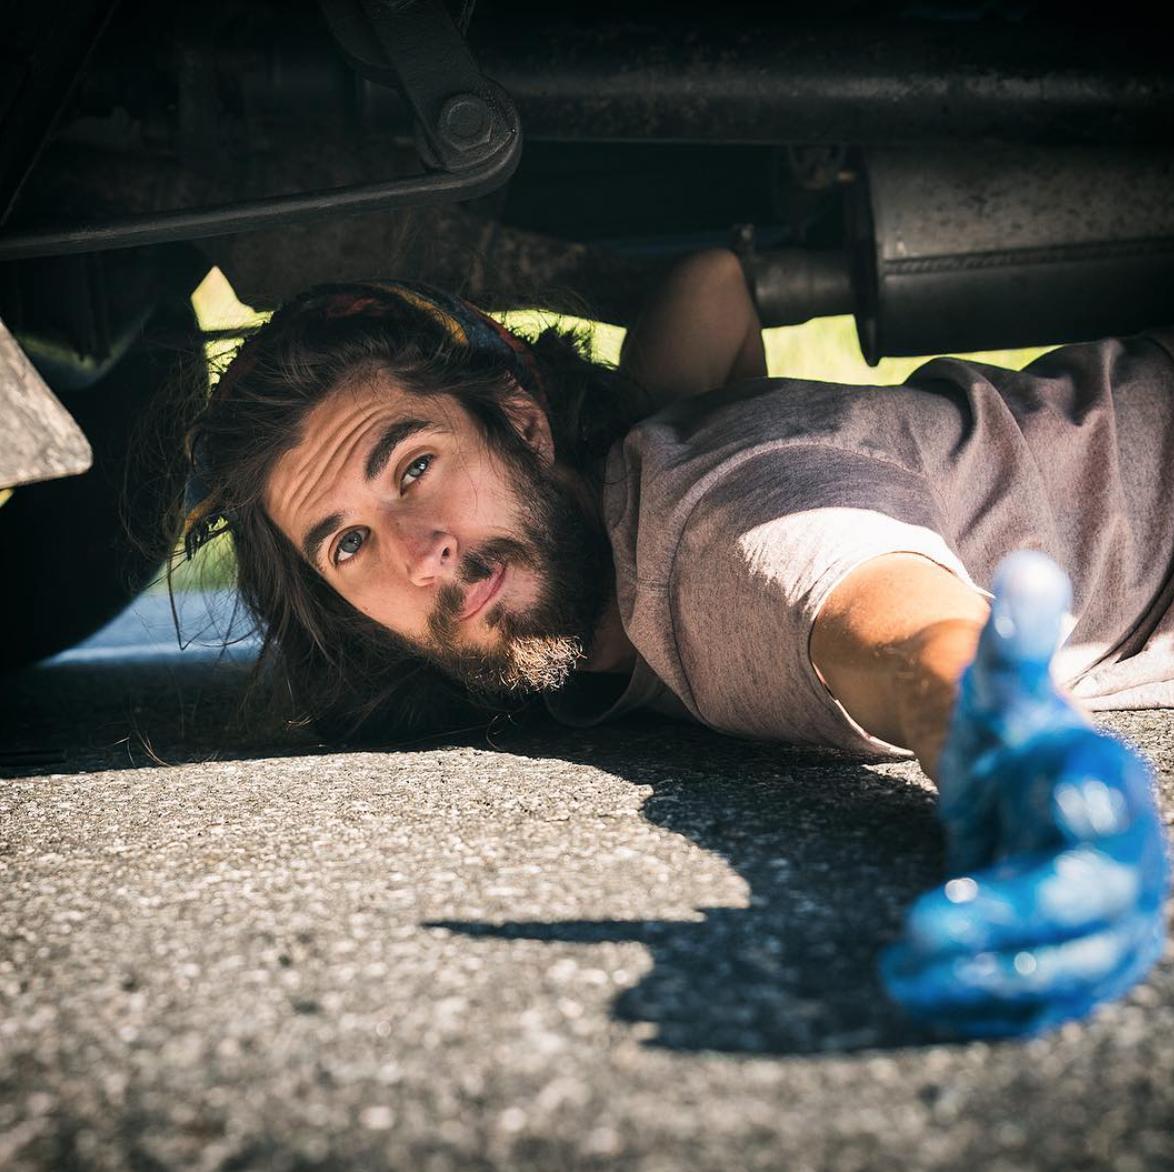 Living the van life - repairs